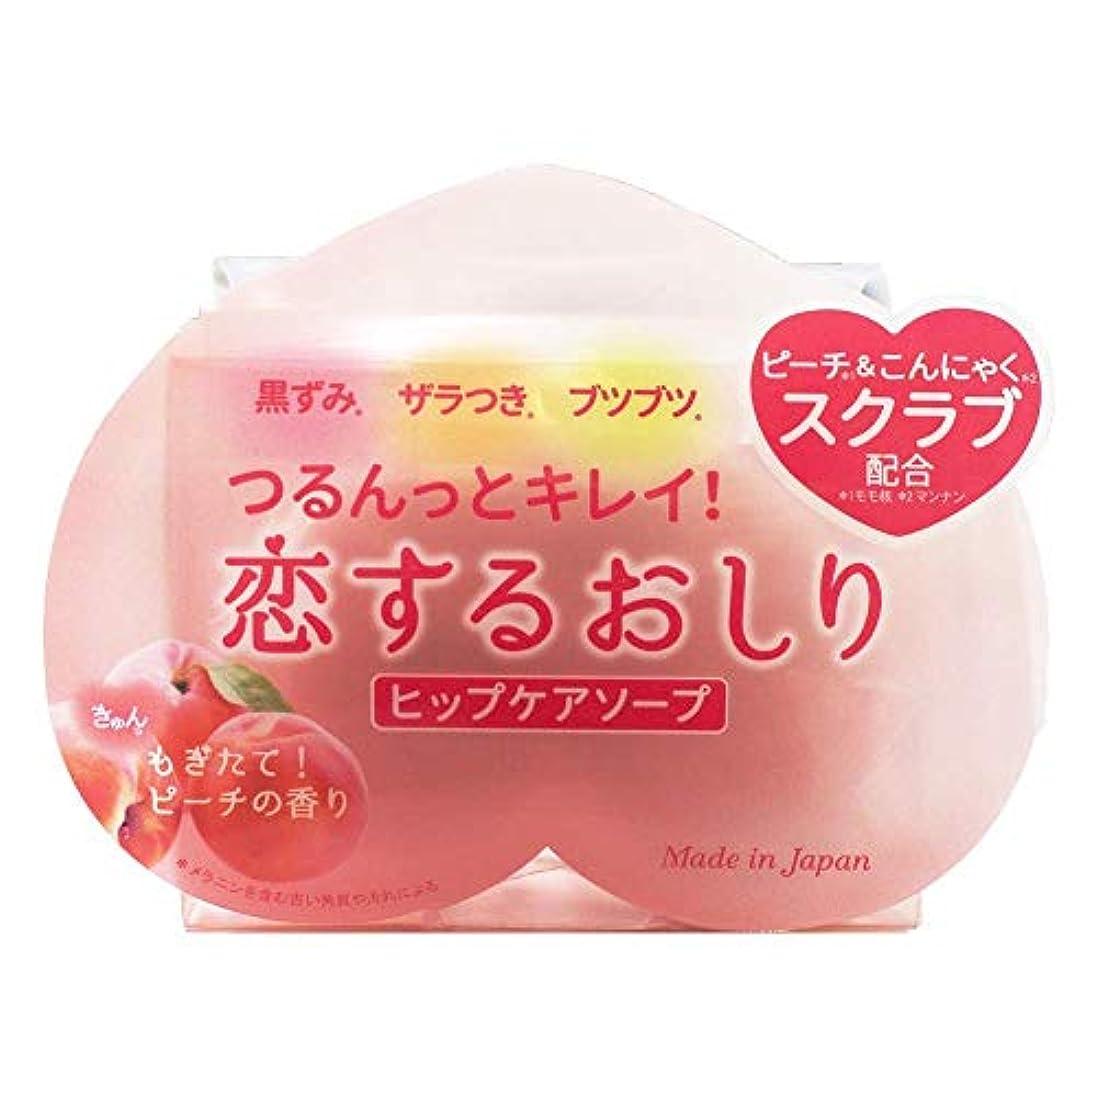 主リビジョン引き金【まとめ買い】ペリカン石鹸 恋するおしり ヒップケアソープ 80g×2個